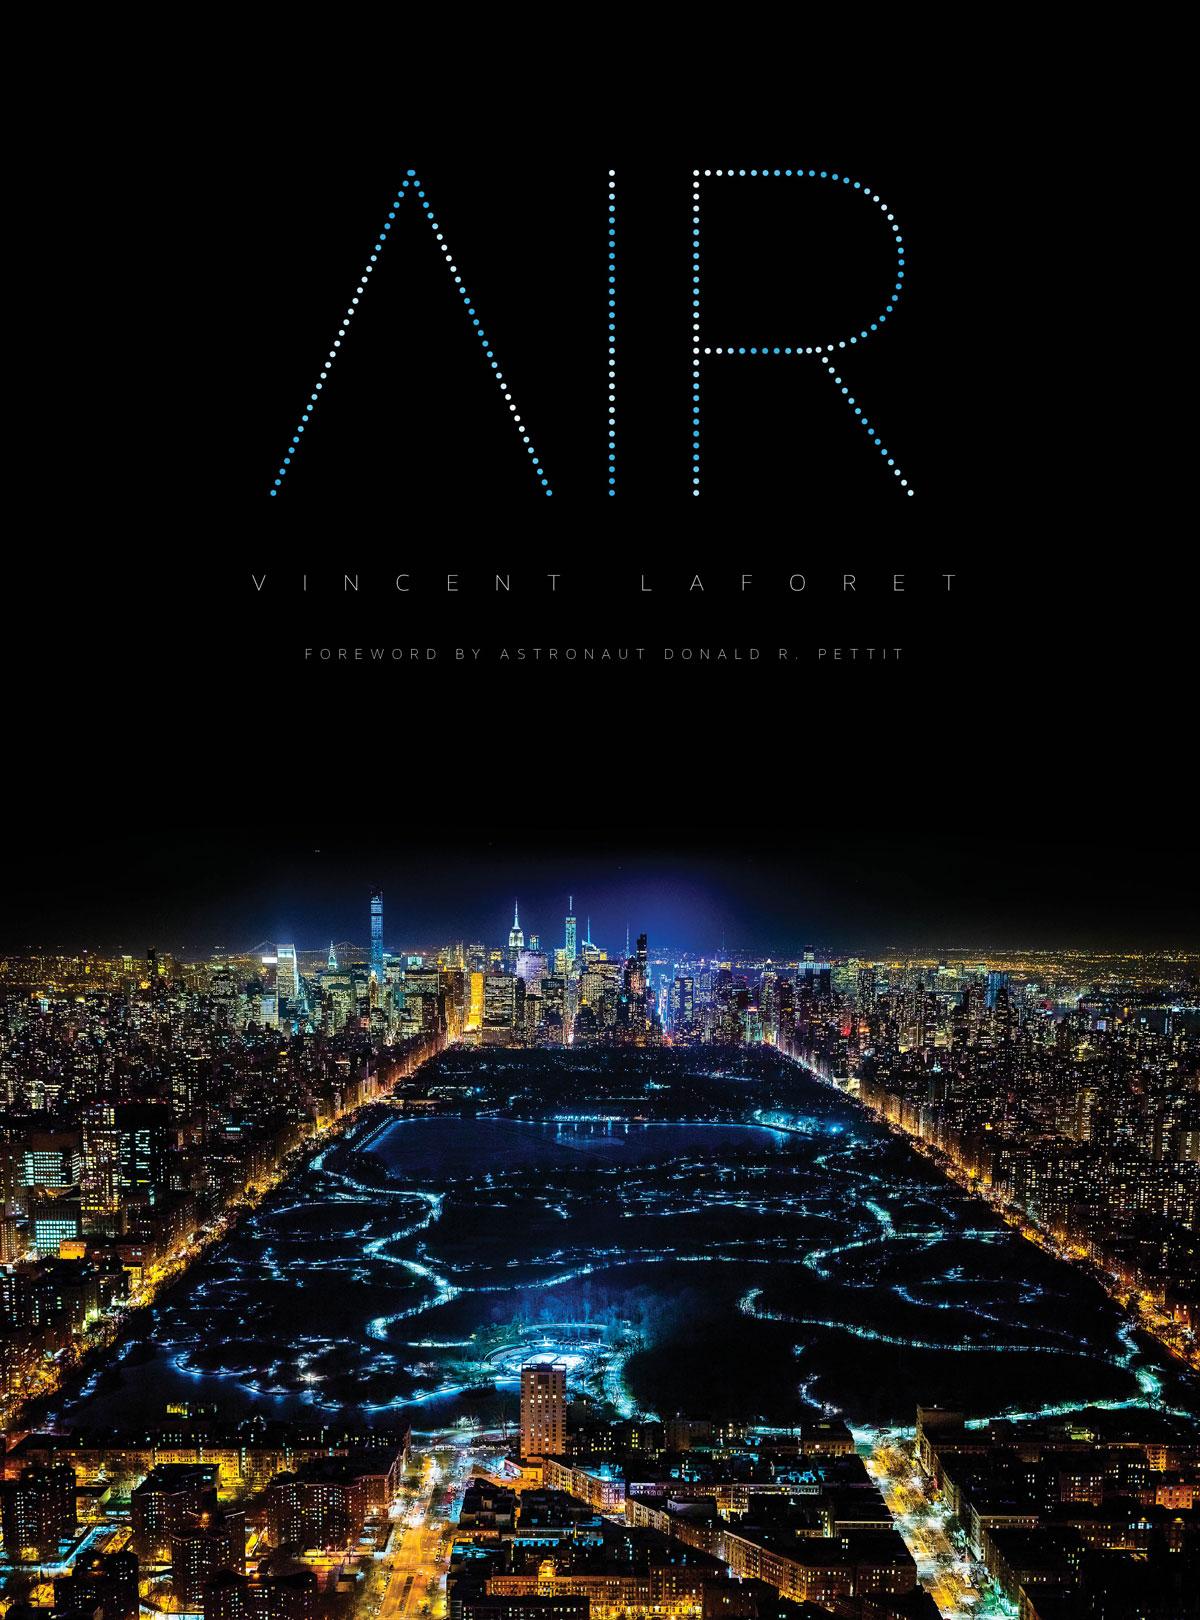 Vincent Laforet tira as fotos noturnas aéreas mais espetaculares que você já viu 12